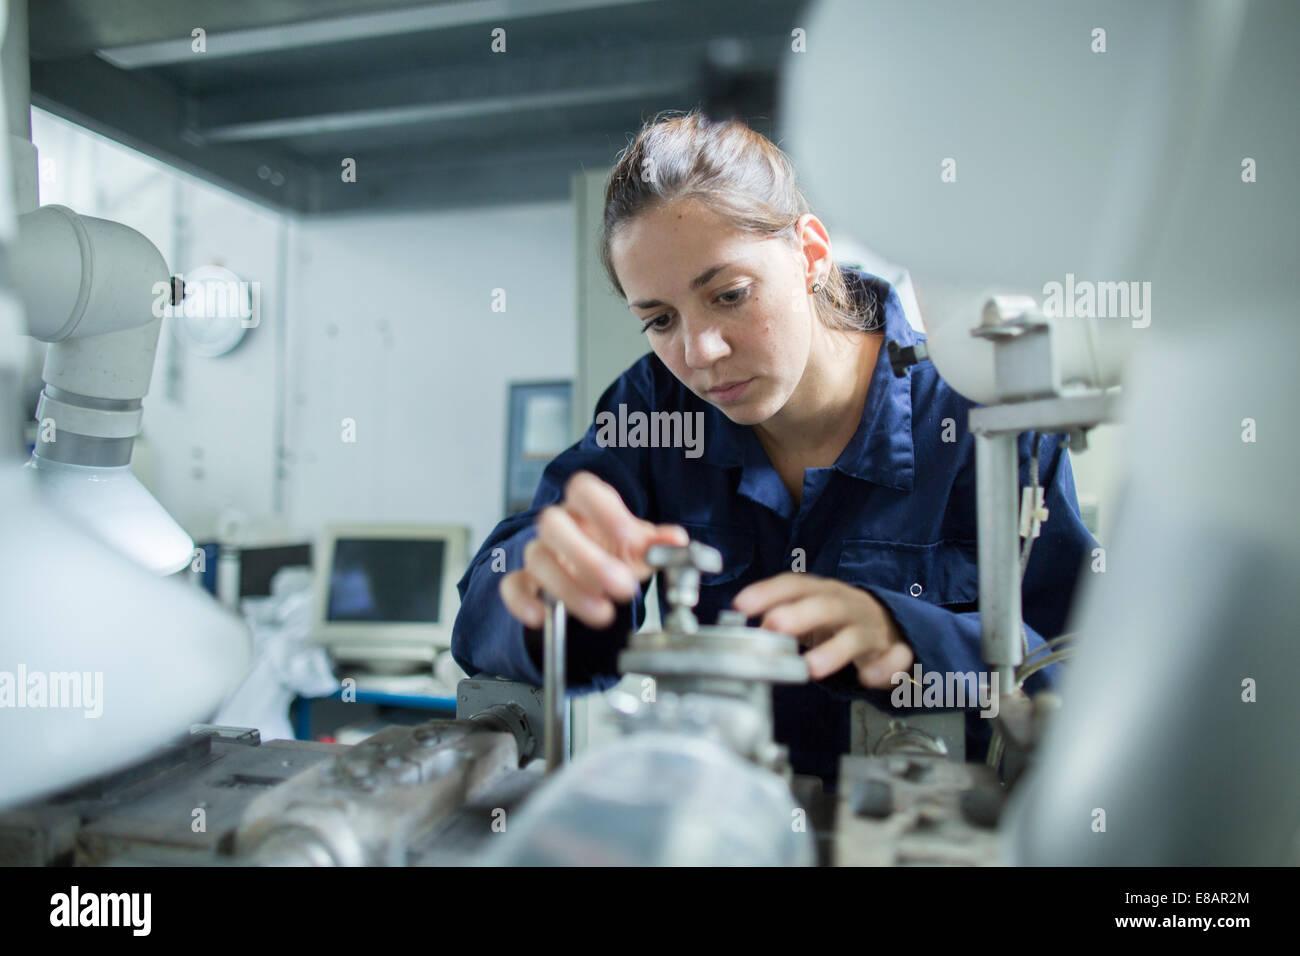 Ingenieurin Fabrik industrielle Rohrleitungen Armaturen einschalten Stockbild